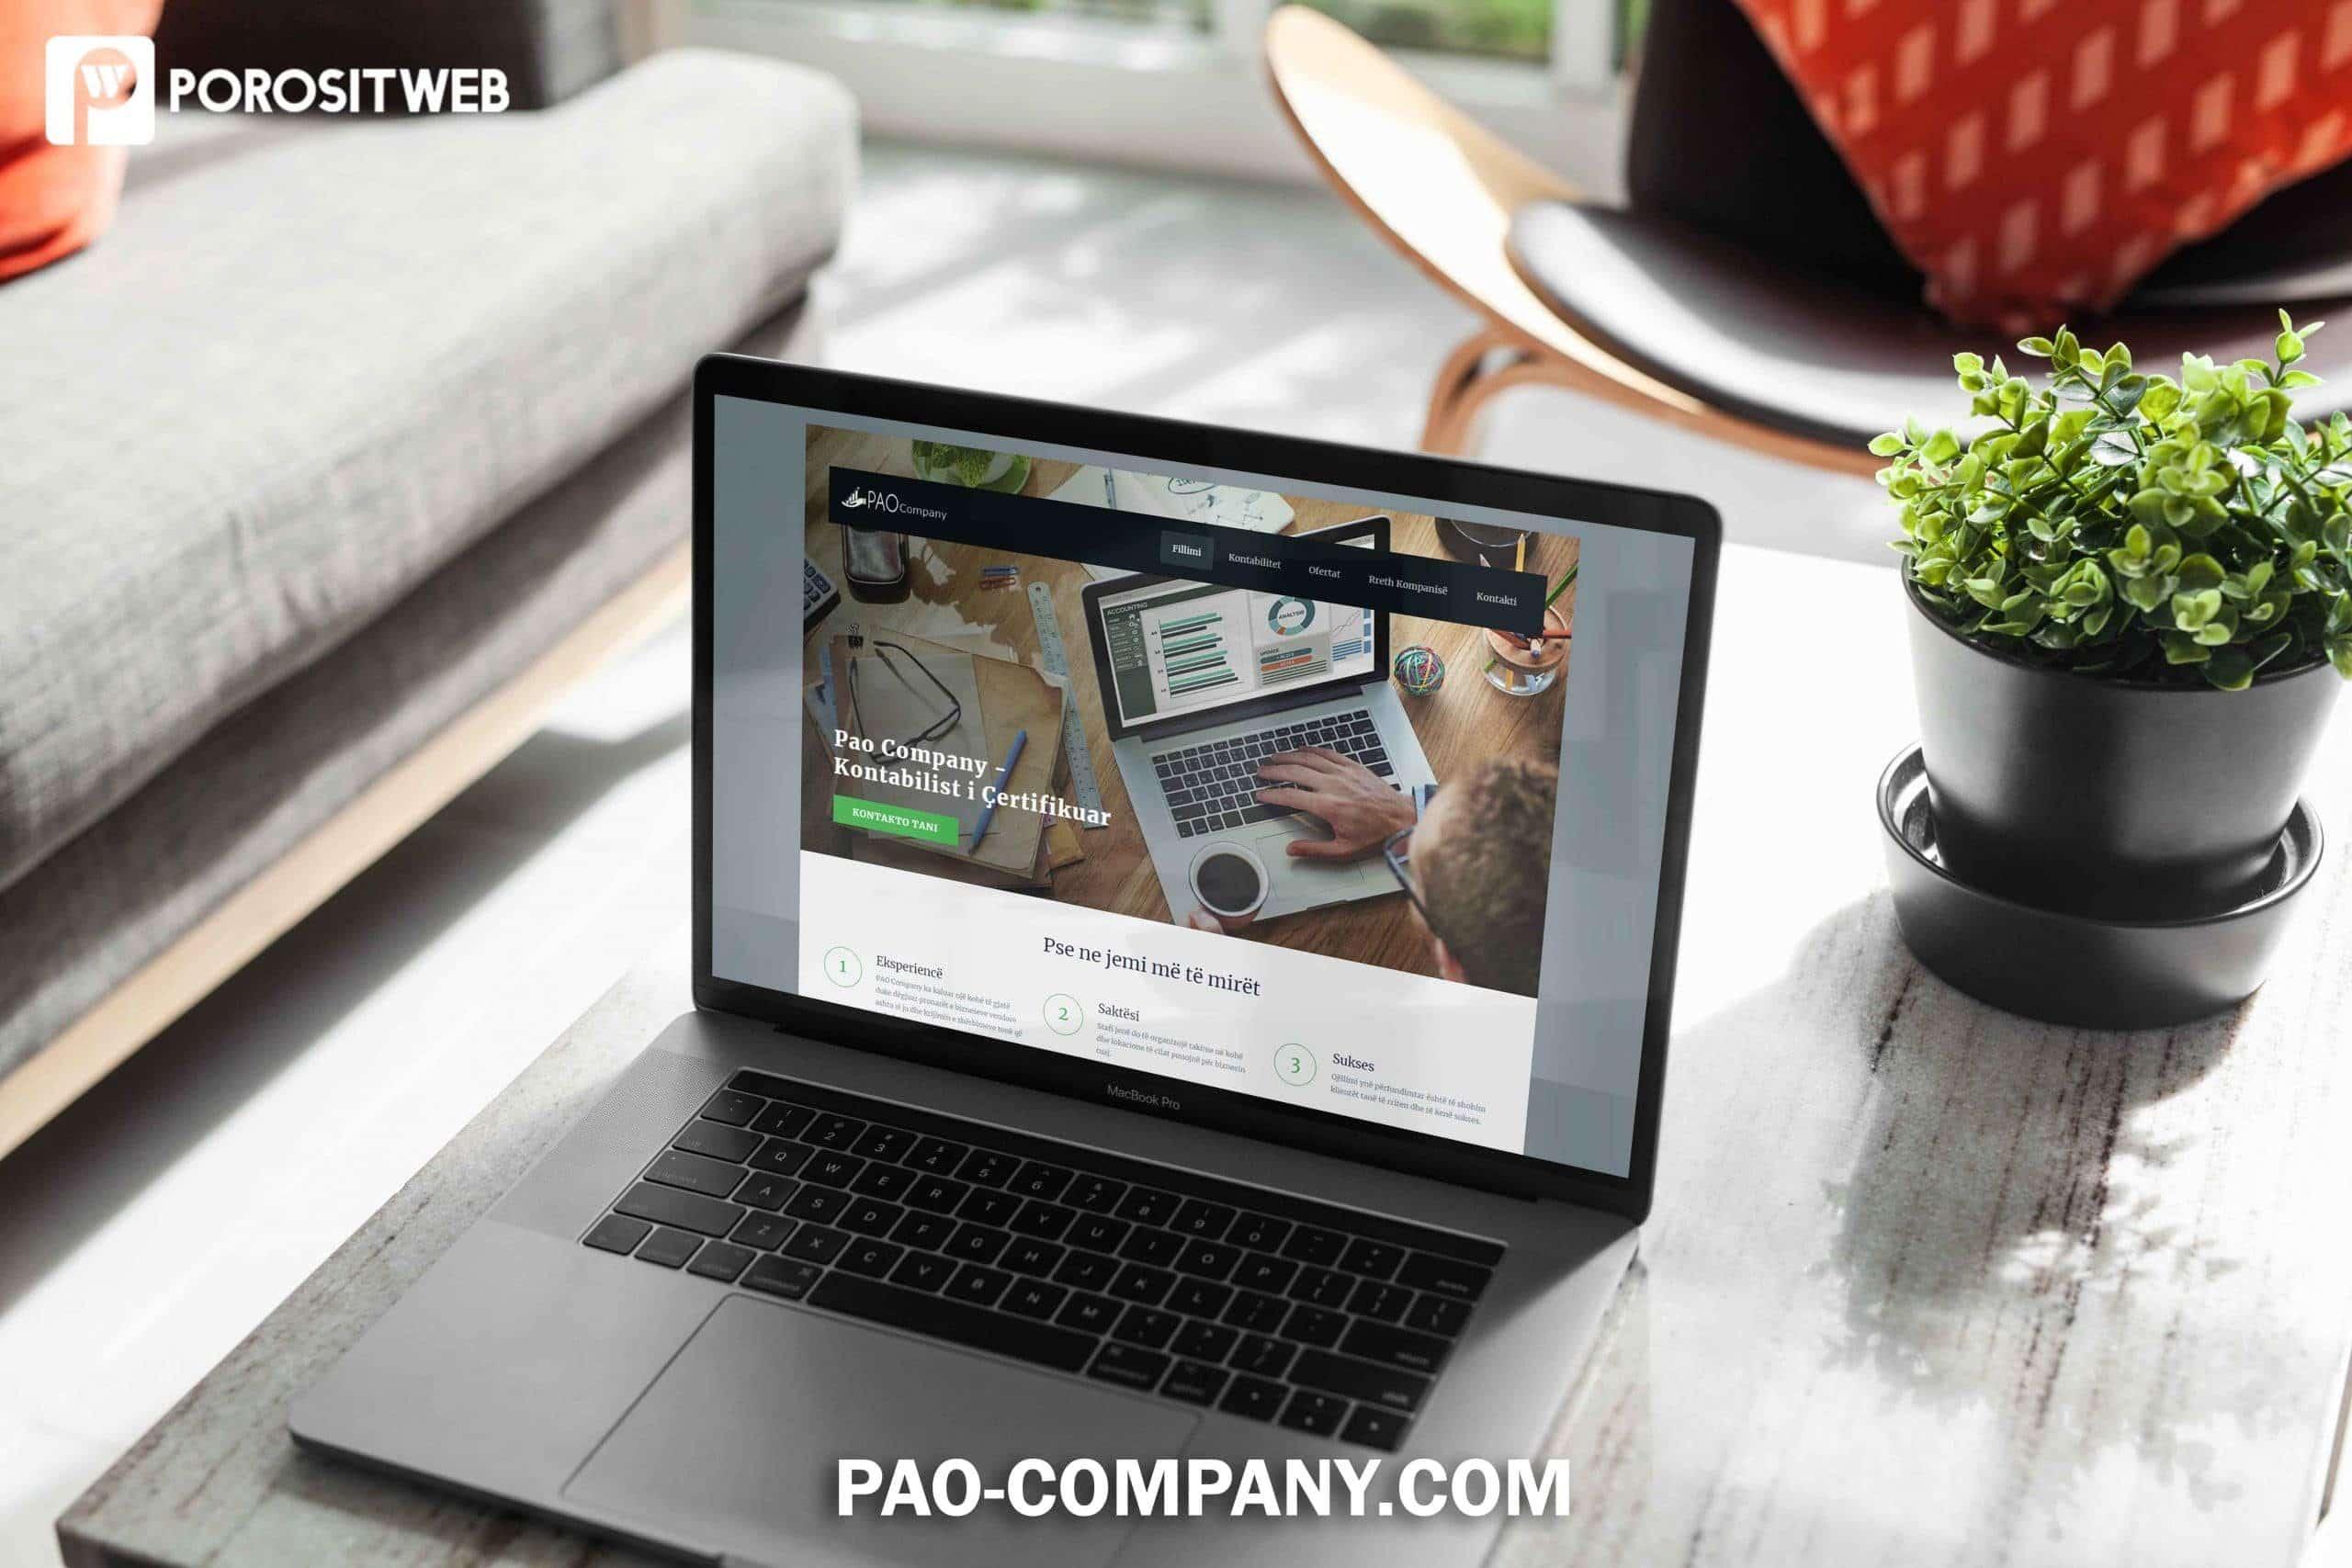 webfaqe per kontabilista